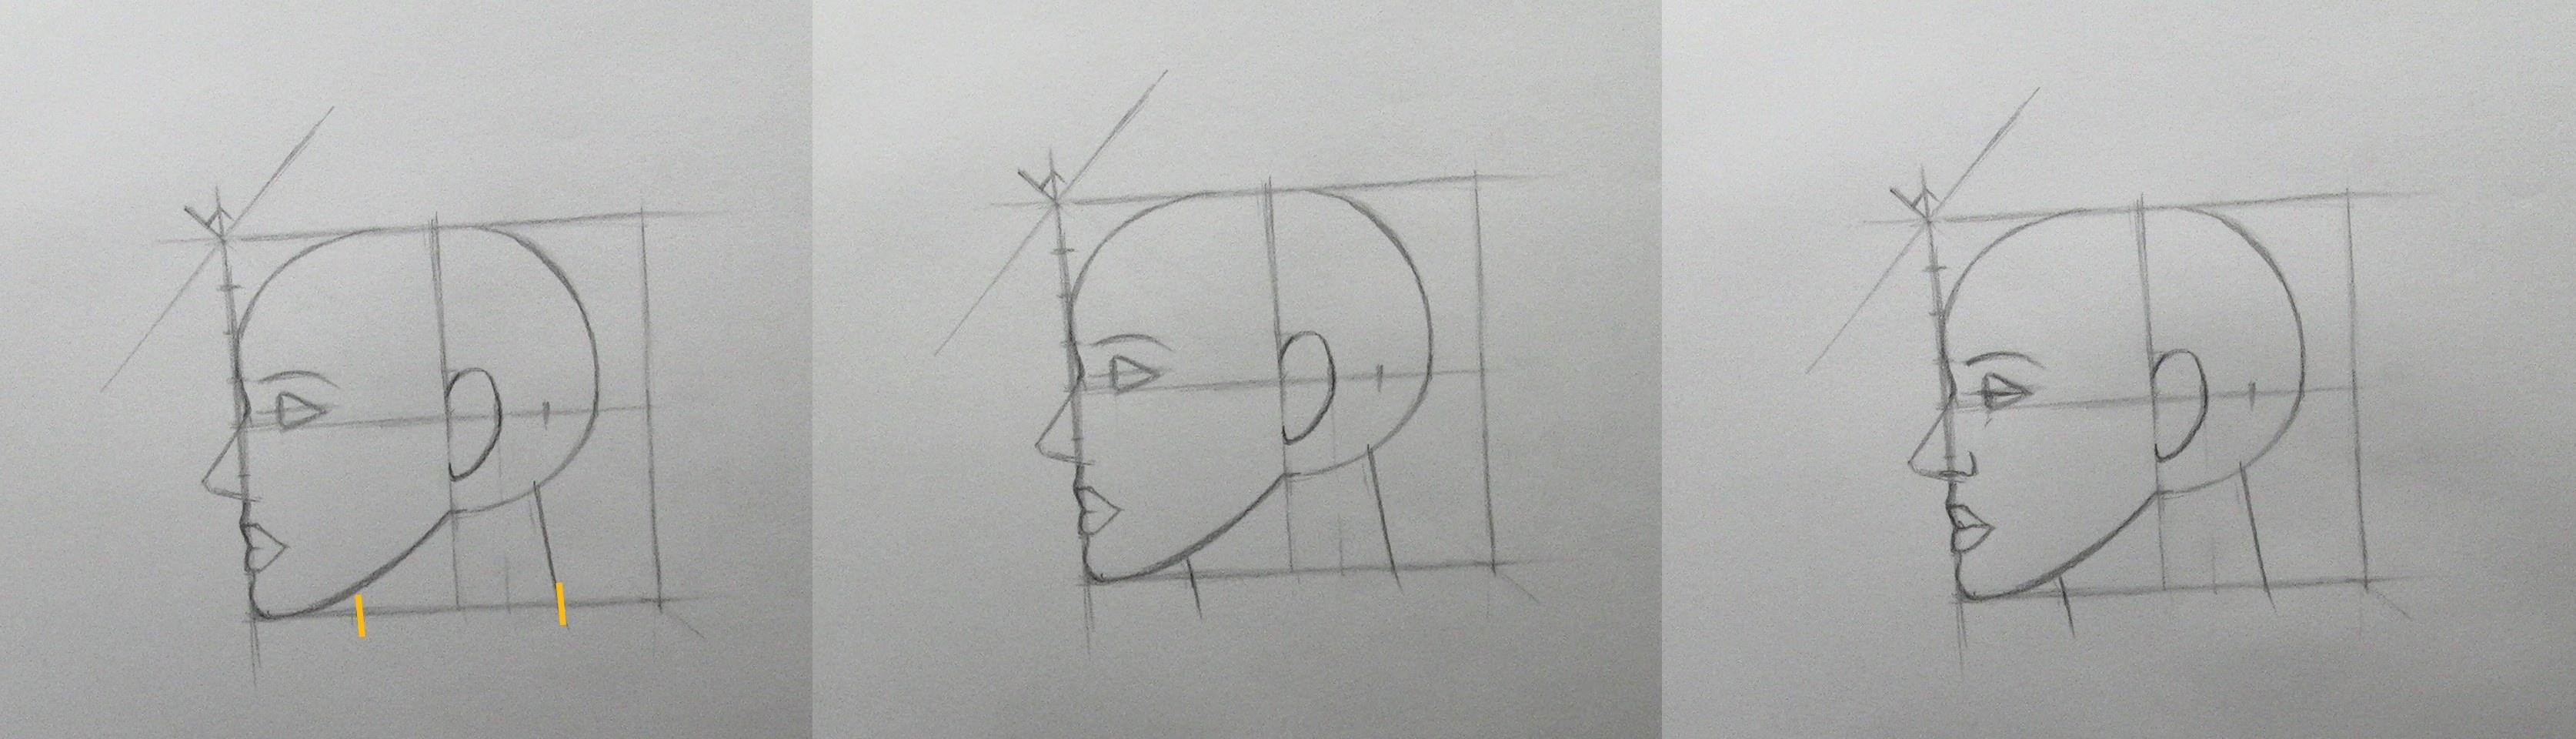 apprendre a dessiner etape par etape placer traits